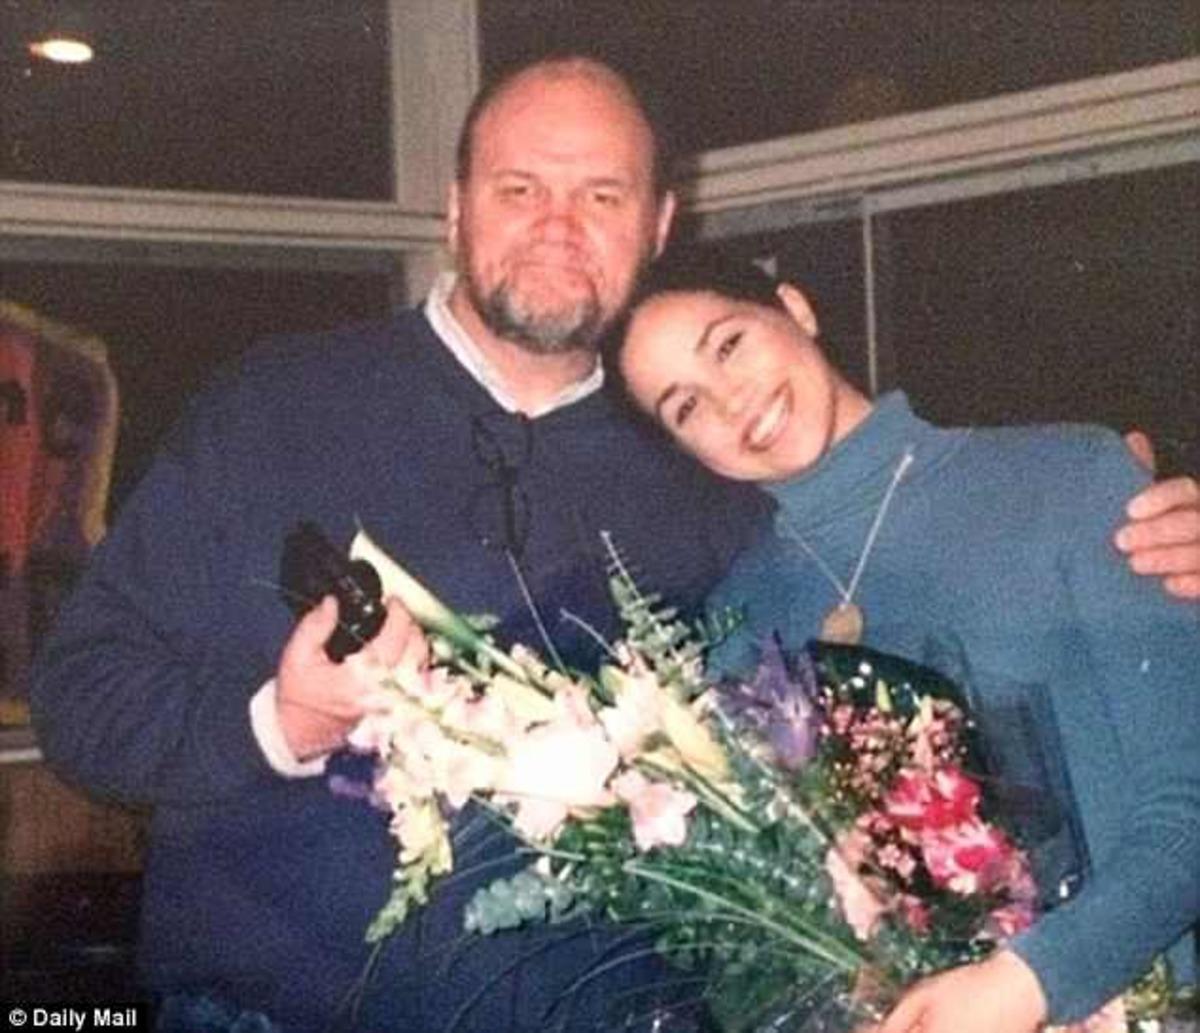 Μέγκαν Μαρκλ: Απαρηγόρητη που δεν θα την συνοδεύσει ο πατέρας της στον γάμο της με τον Πρίγκιπα Χάρι